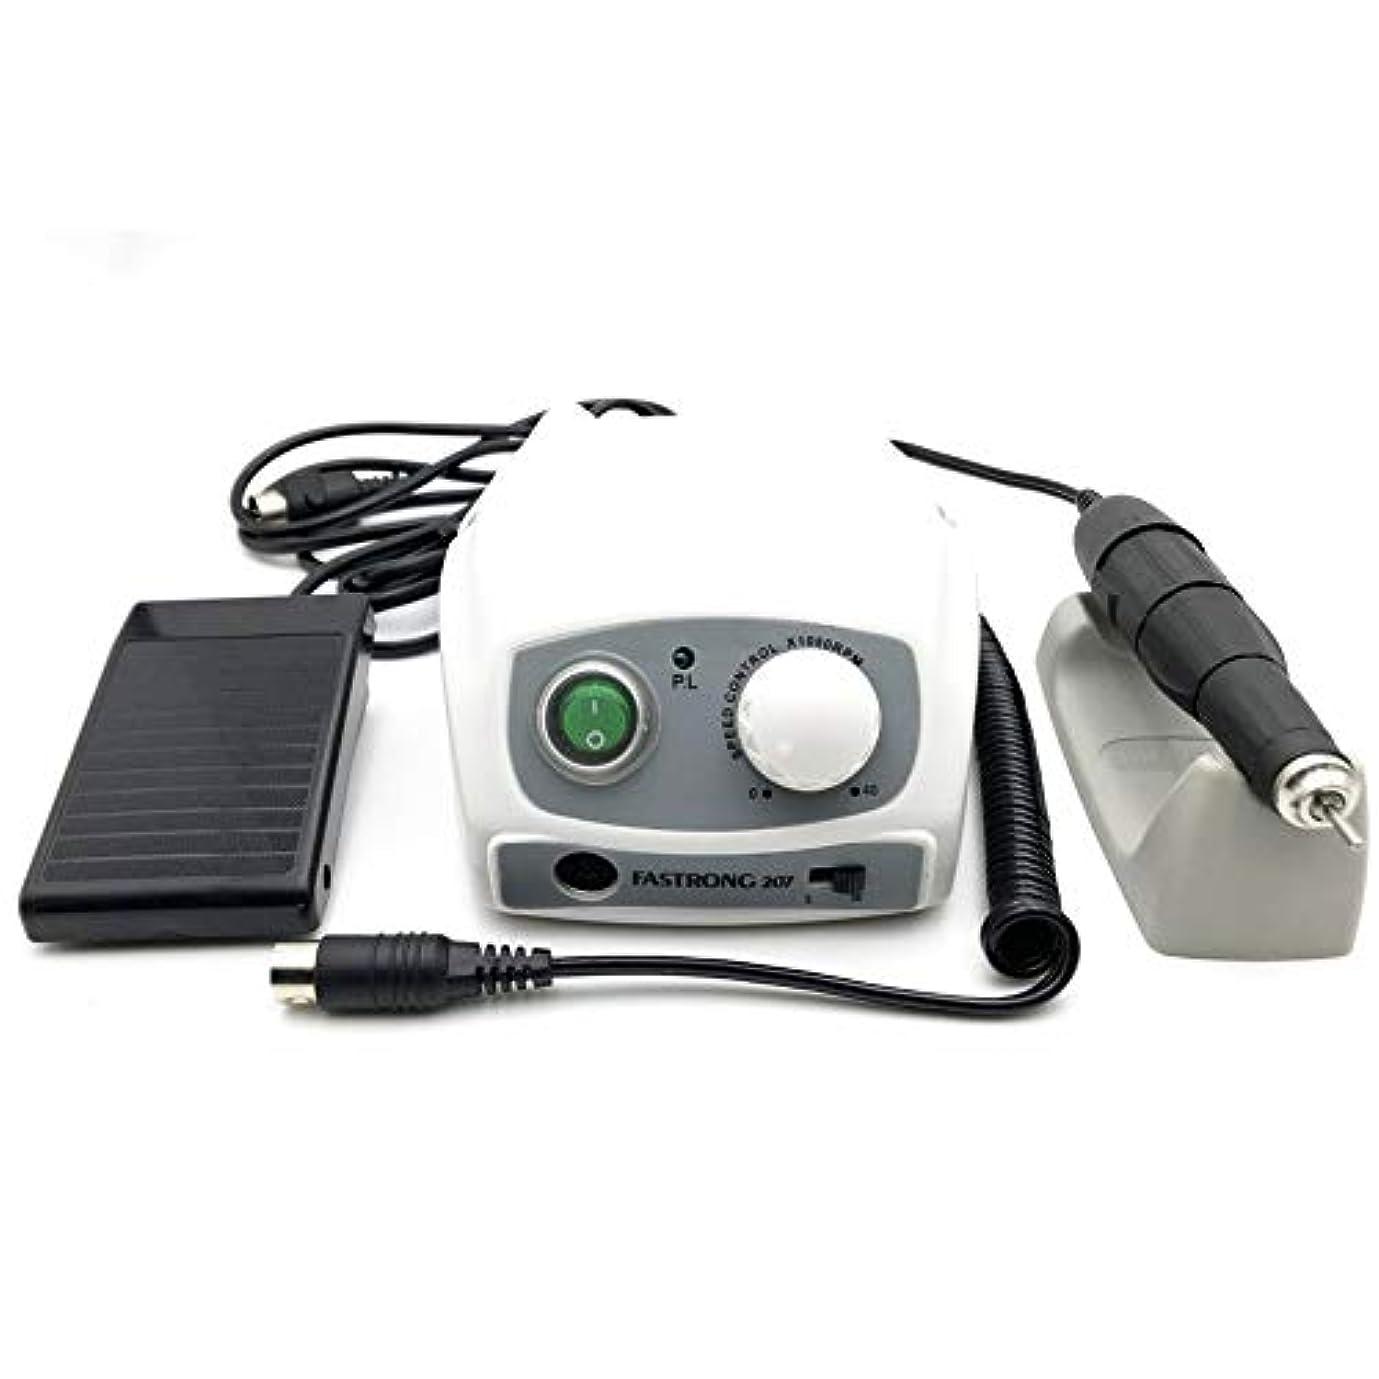 電気マニキュアドリルセット40000RPMコントロールボックス210 102 Lマニキュアデバイス用マイクロモーターハンドピース